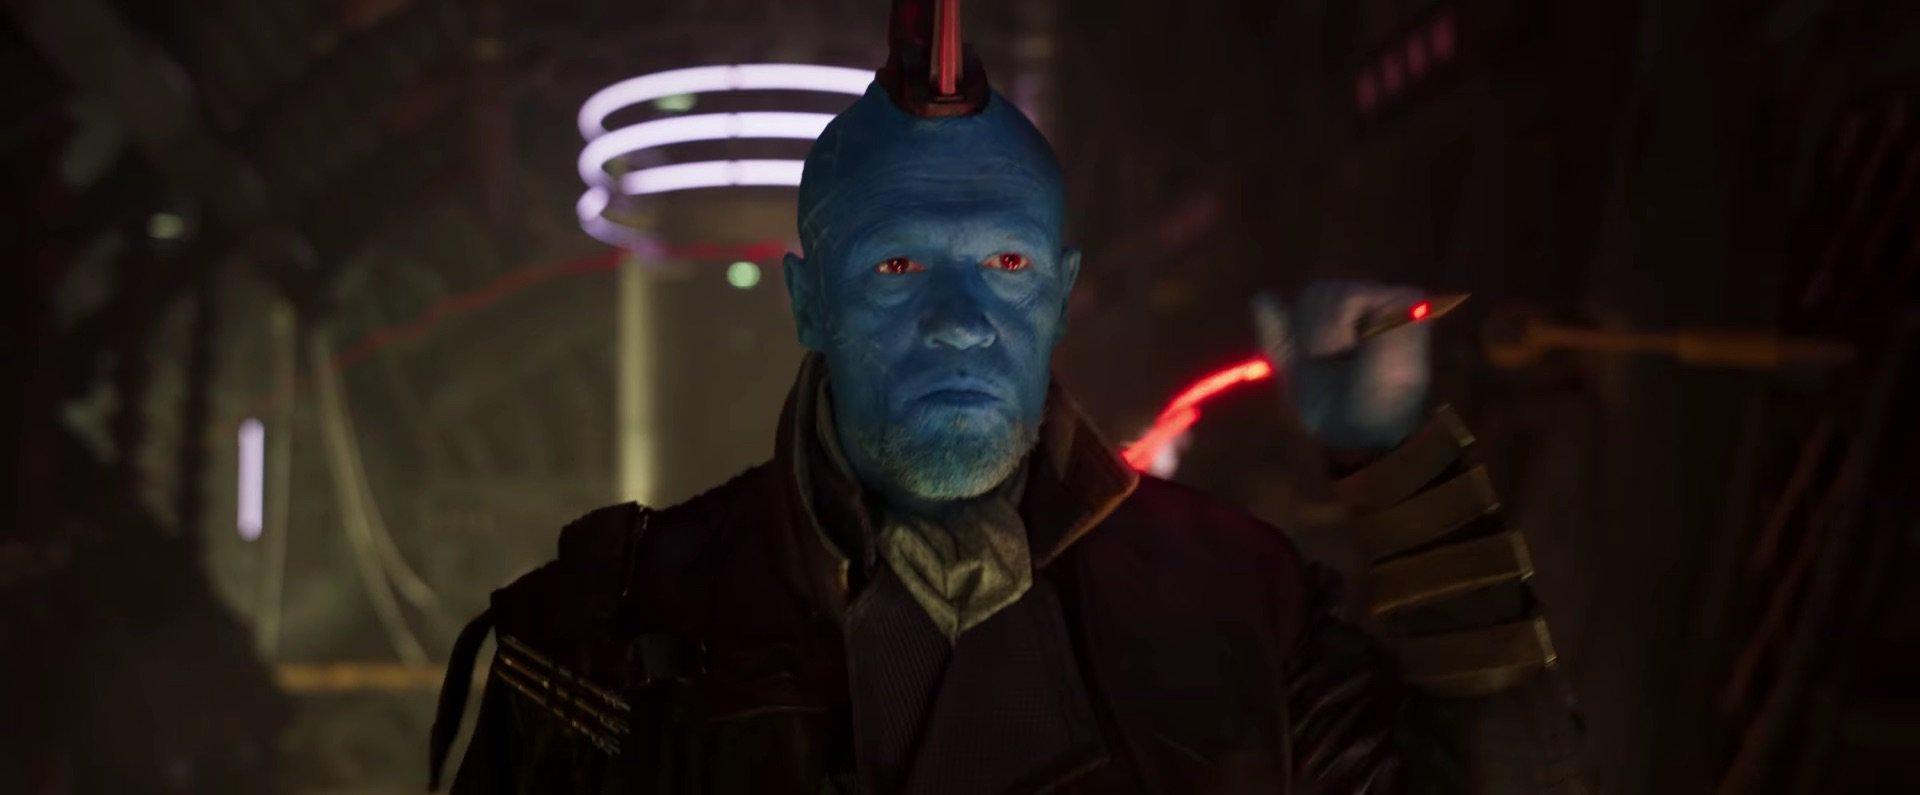 guardians of the galaxy vol 2 trailer slashfilm autos post